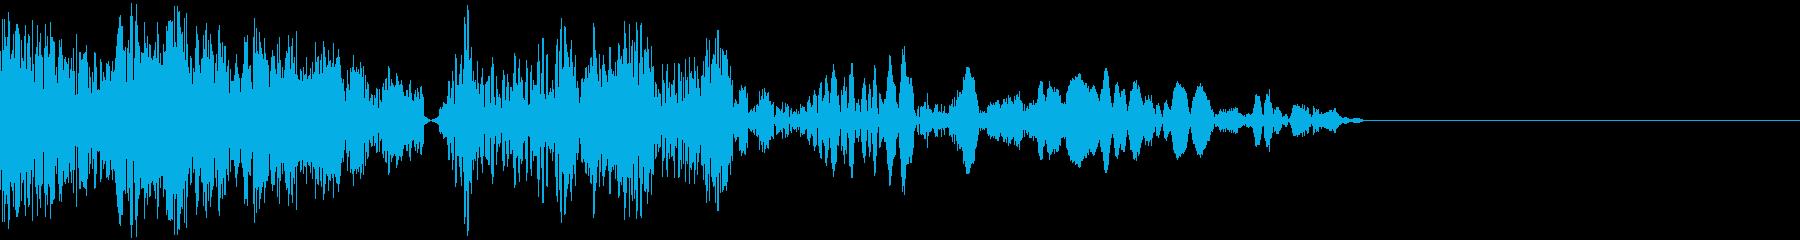 ピチューン (ボタン・開始音・打撃音)の再生済みの波形